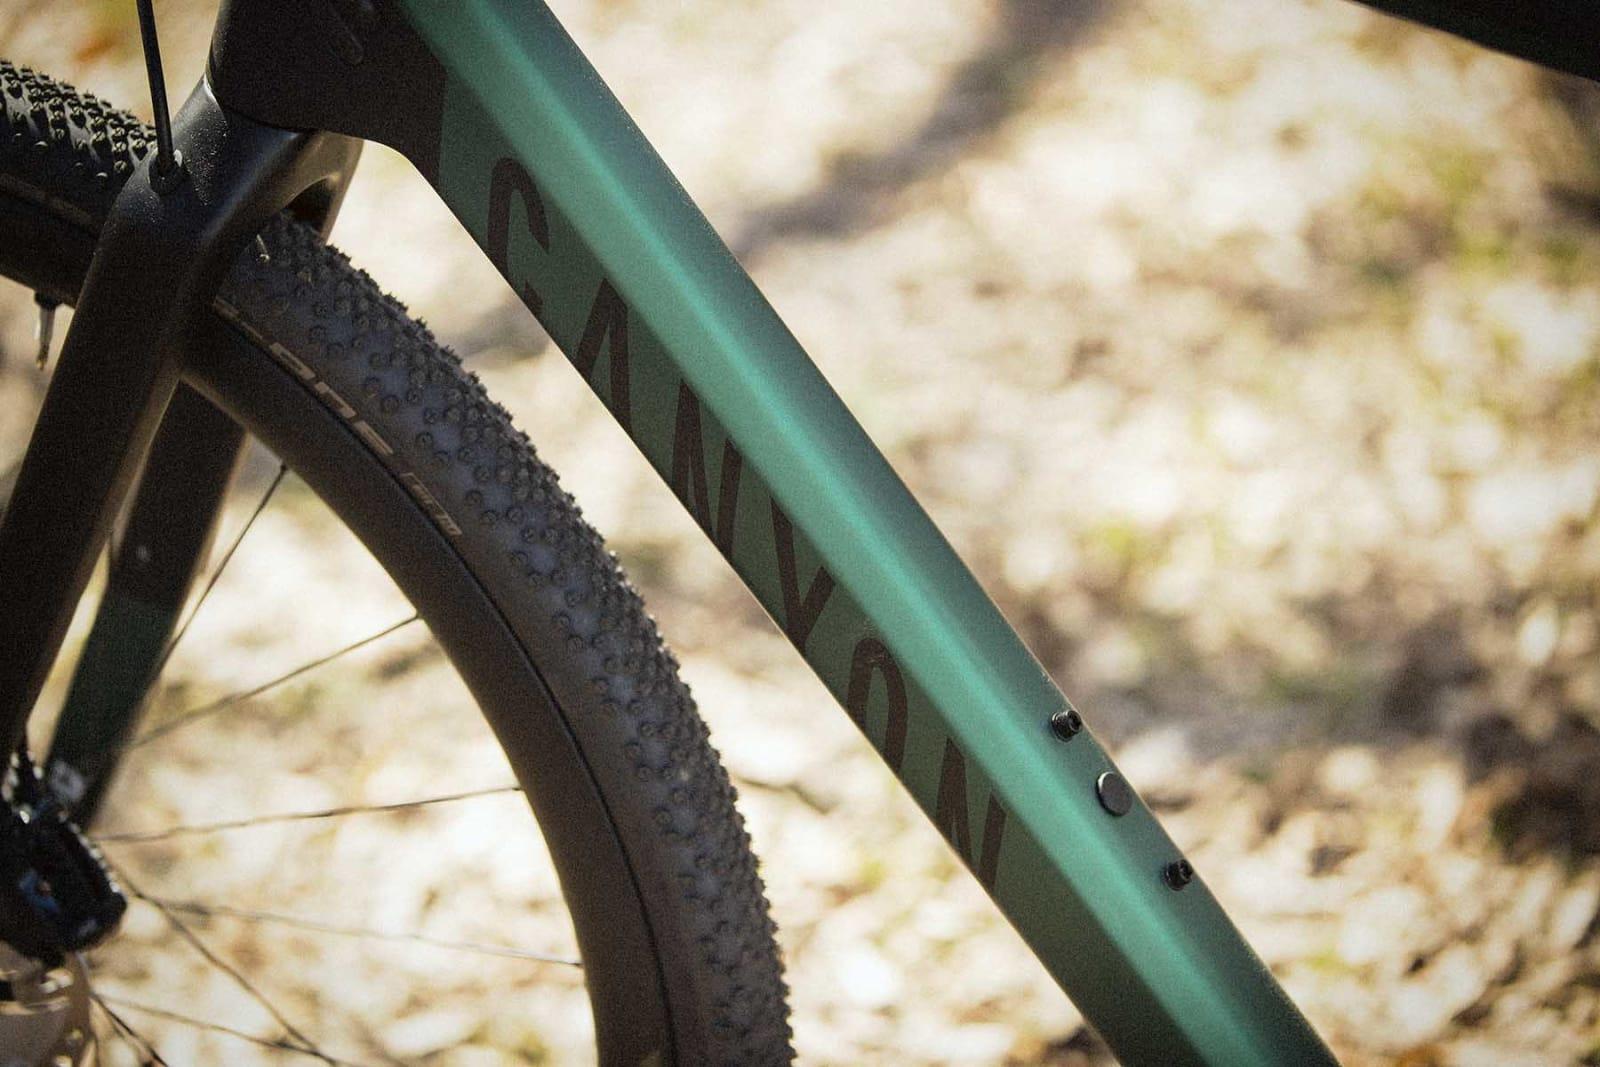 DISKRÉ: Canyons design gjør fortsatt ikke mye ut av seg, men stiluttrykket er kjent fra øvrige sykler.